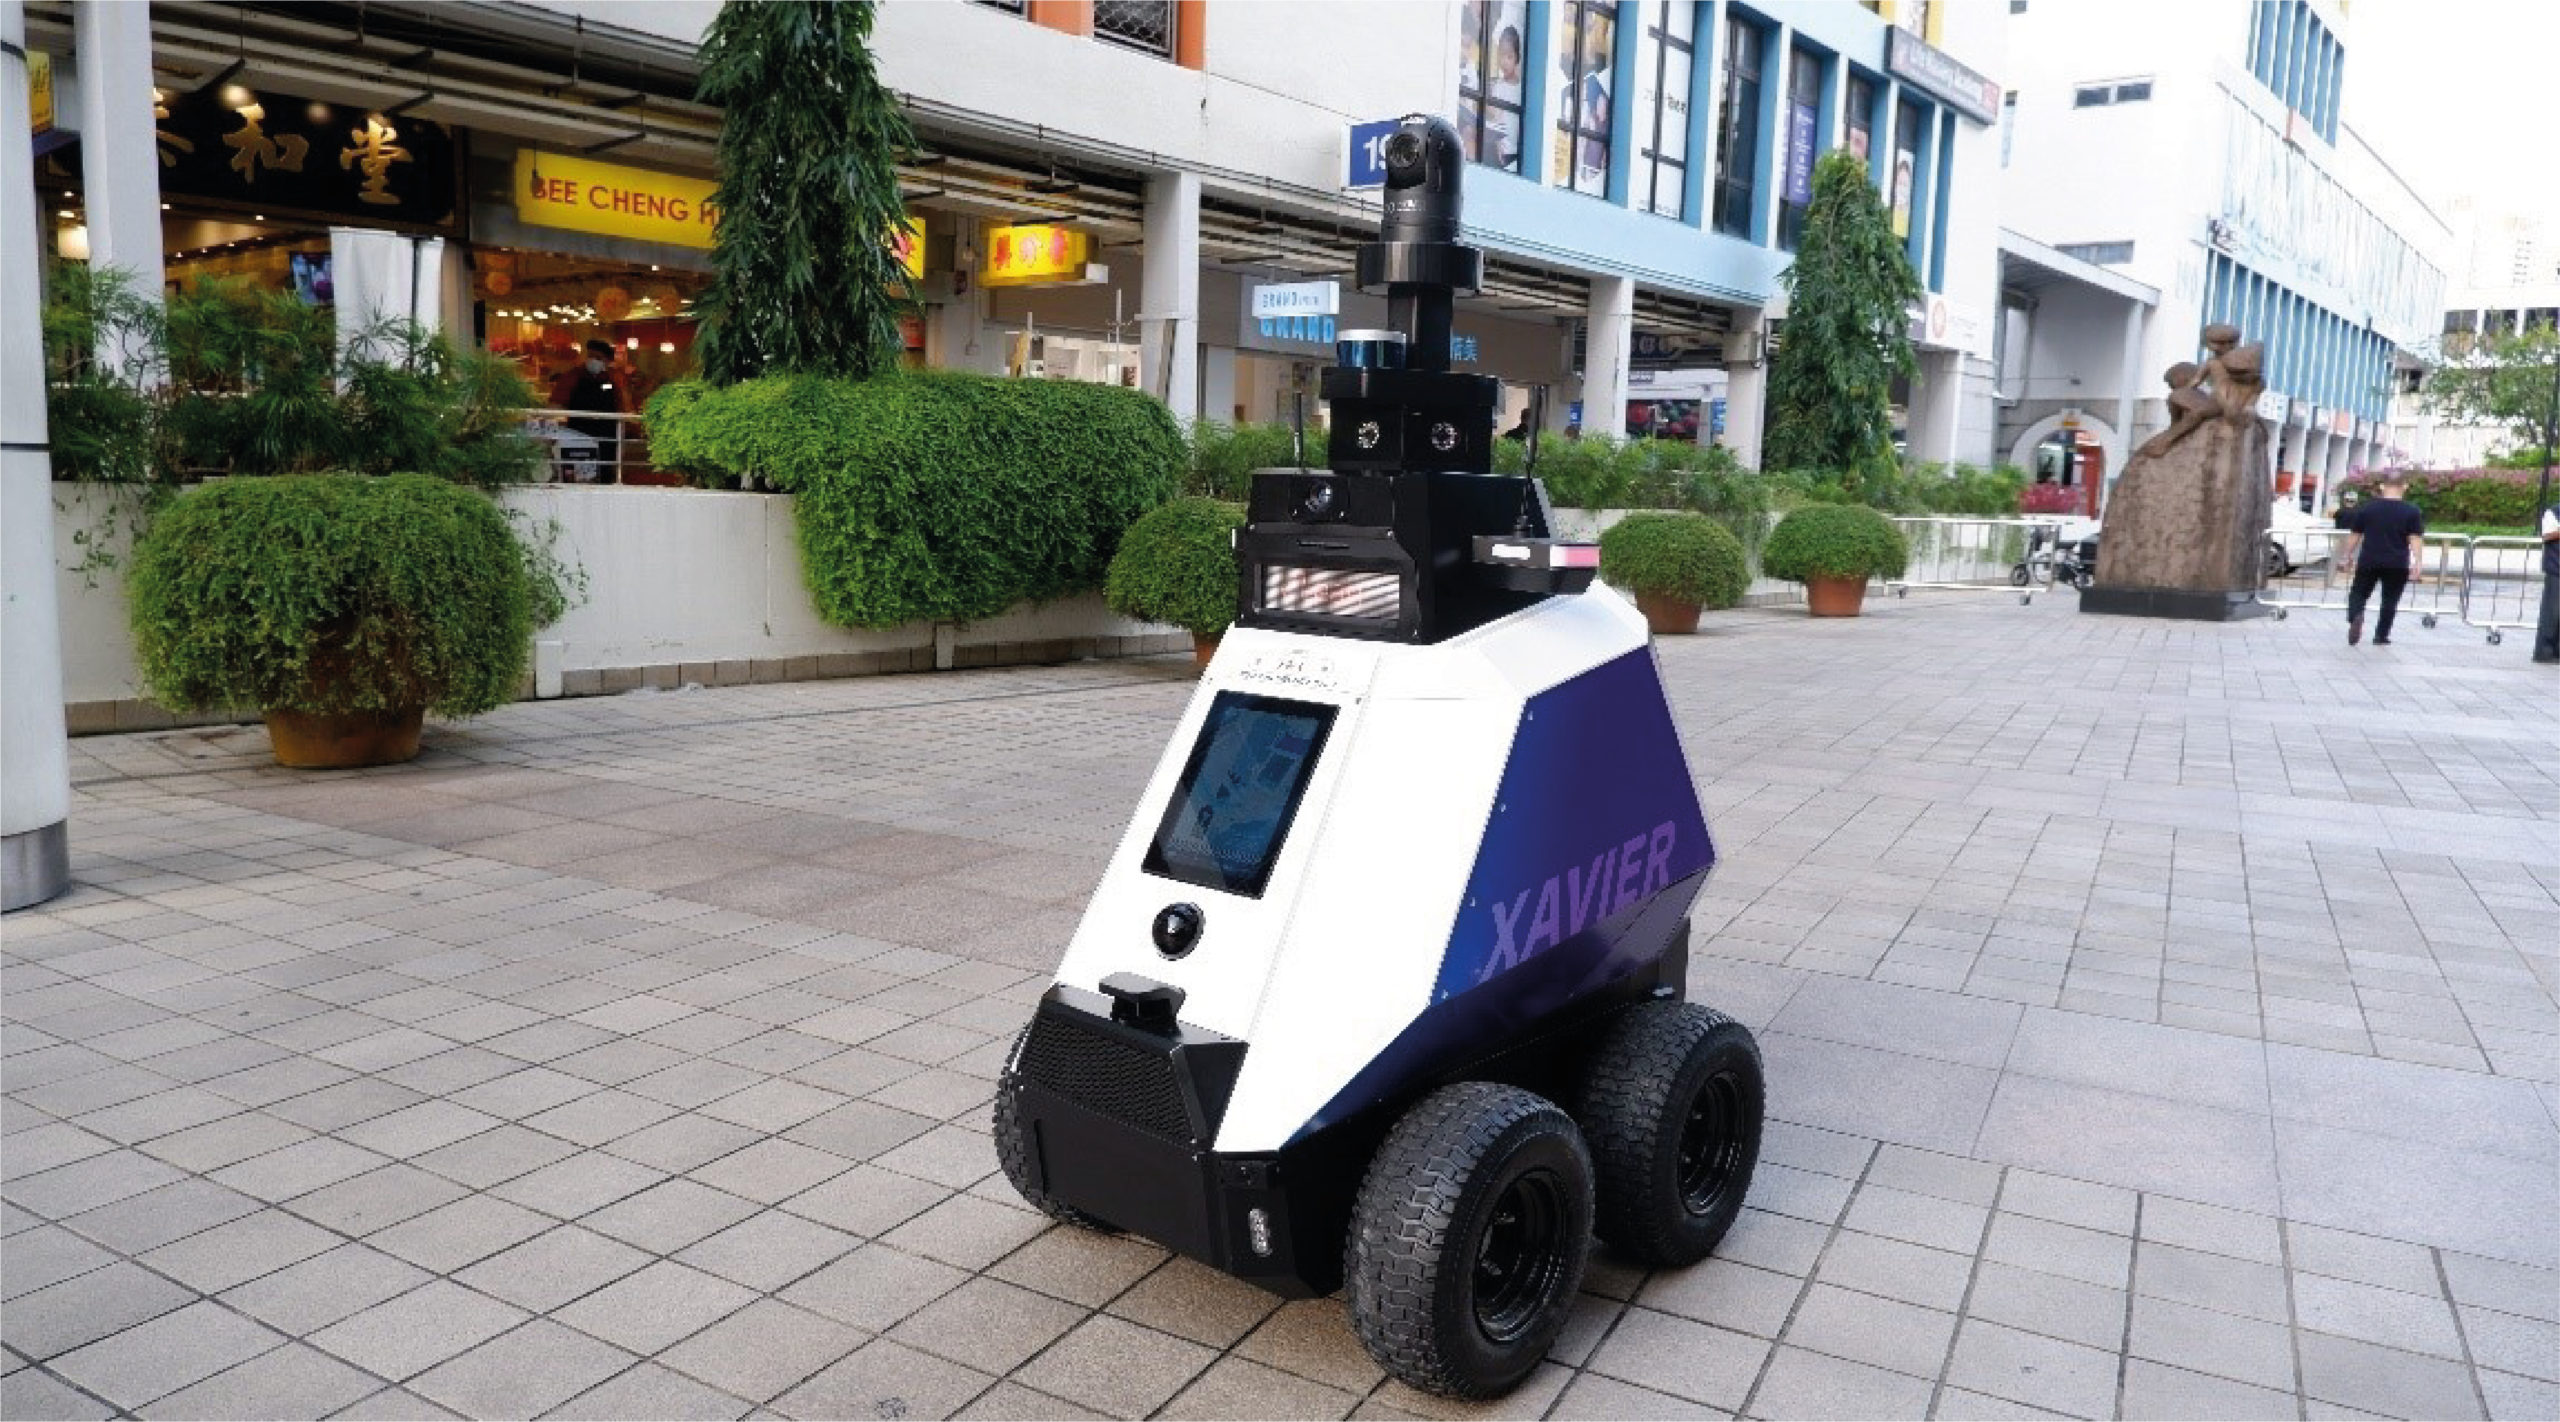 Singapur pone a prueba 2 robots autónomos de vigilancia